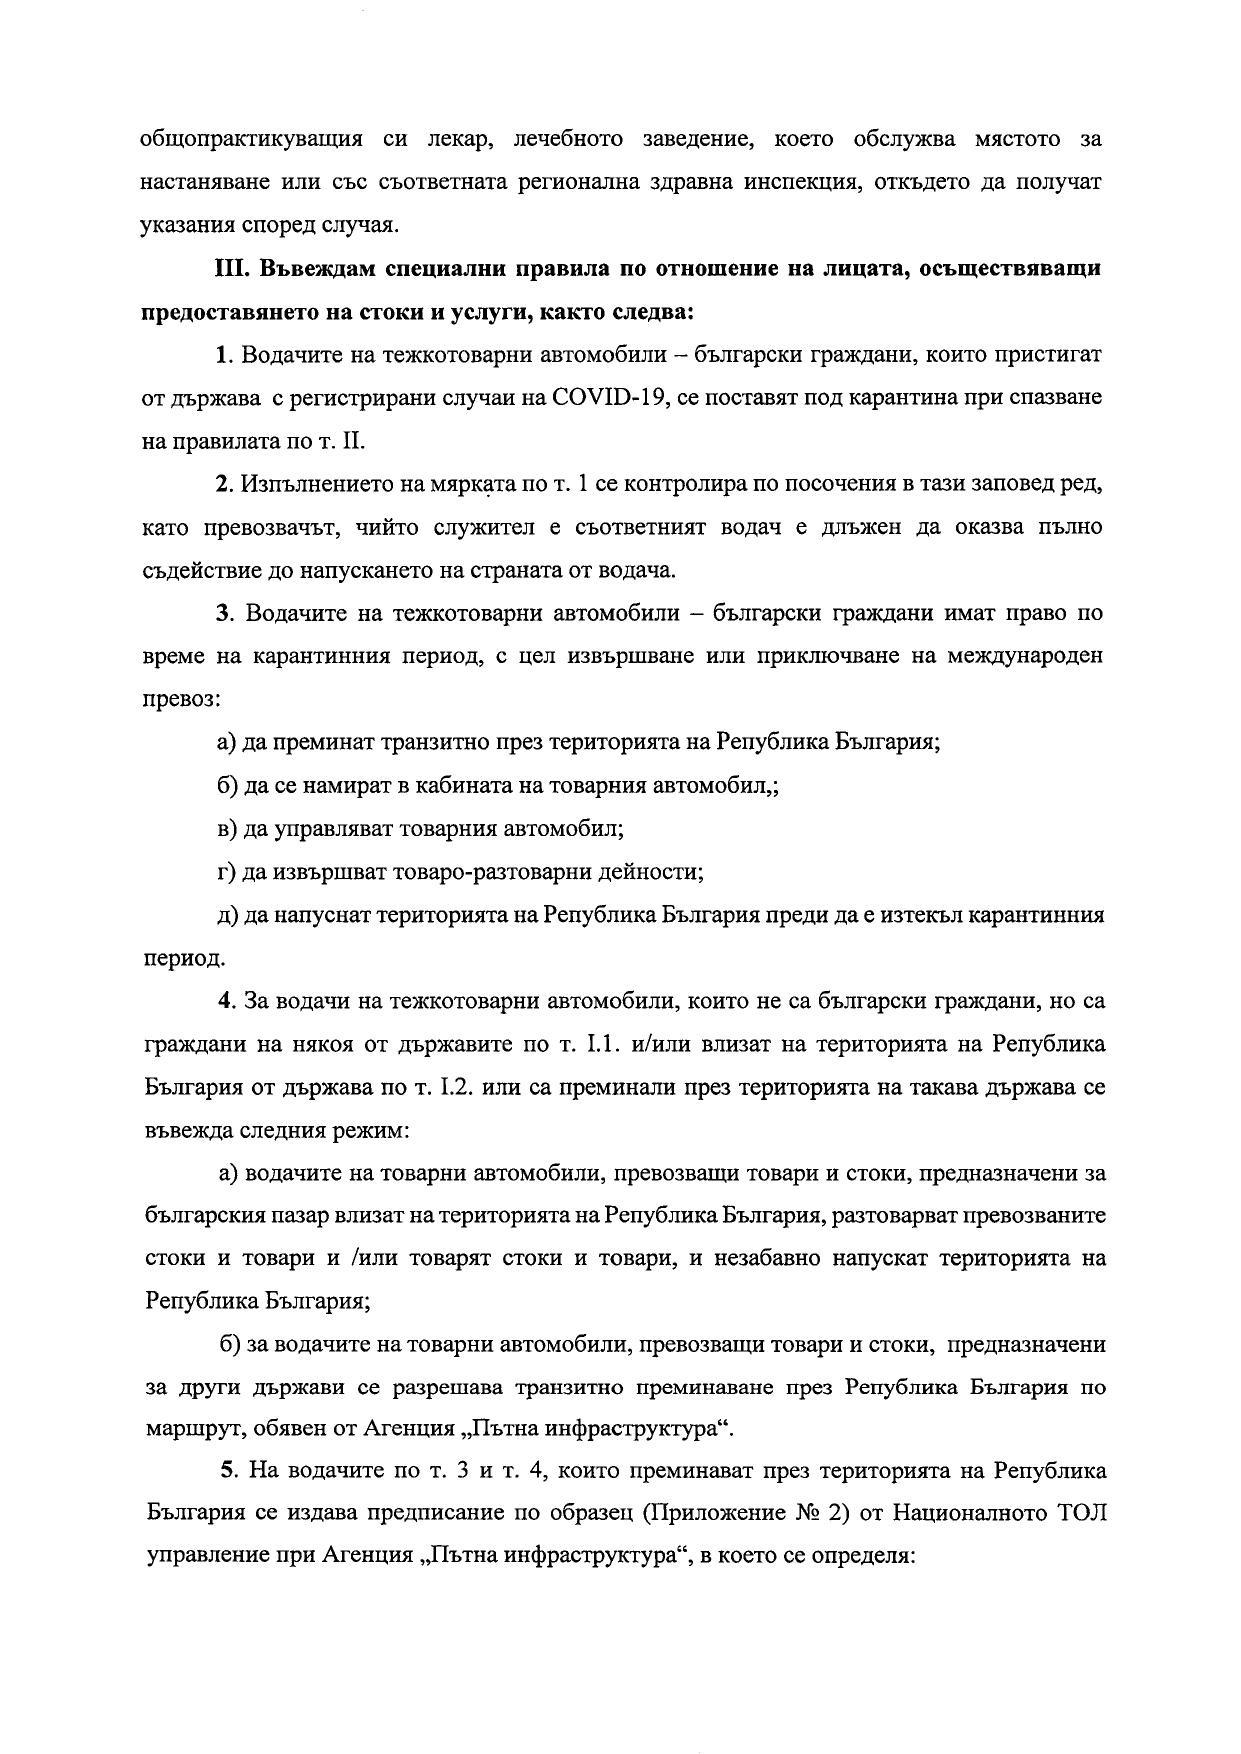 ананиев забрана 3